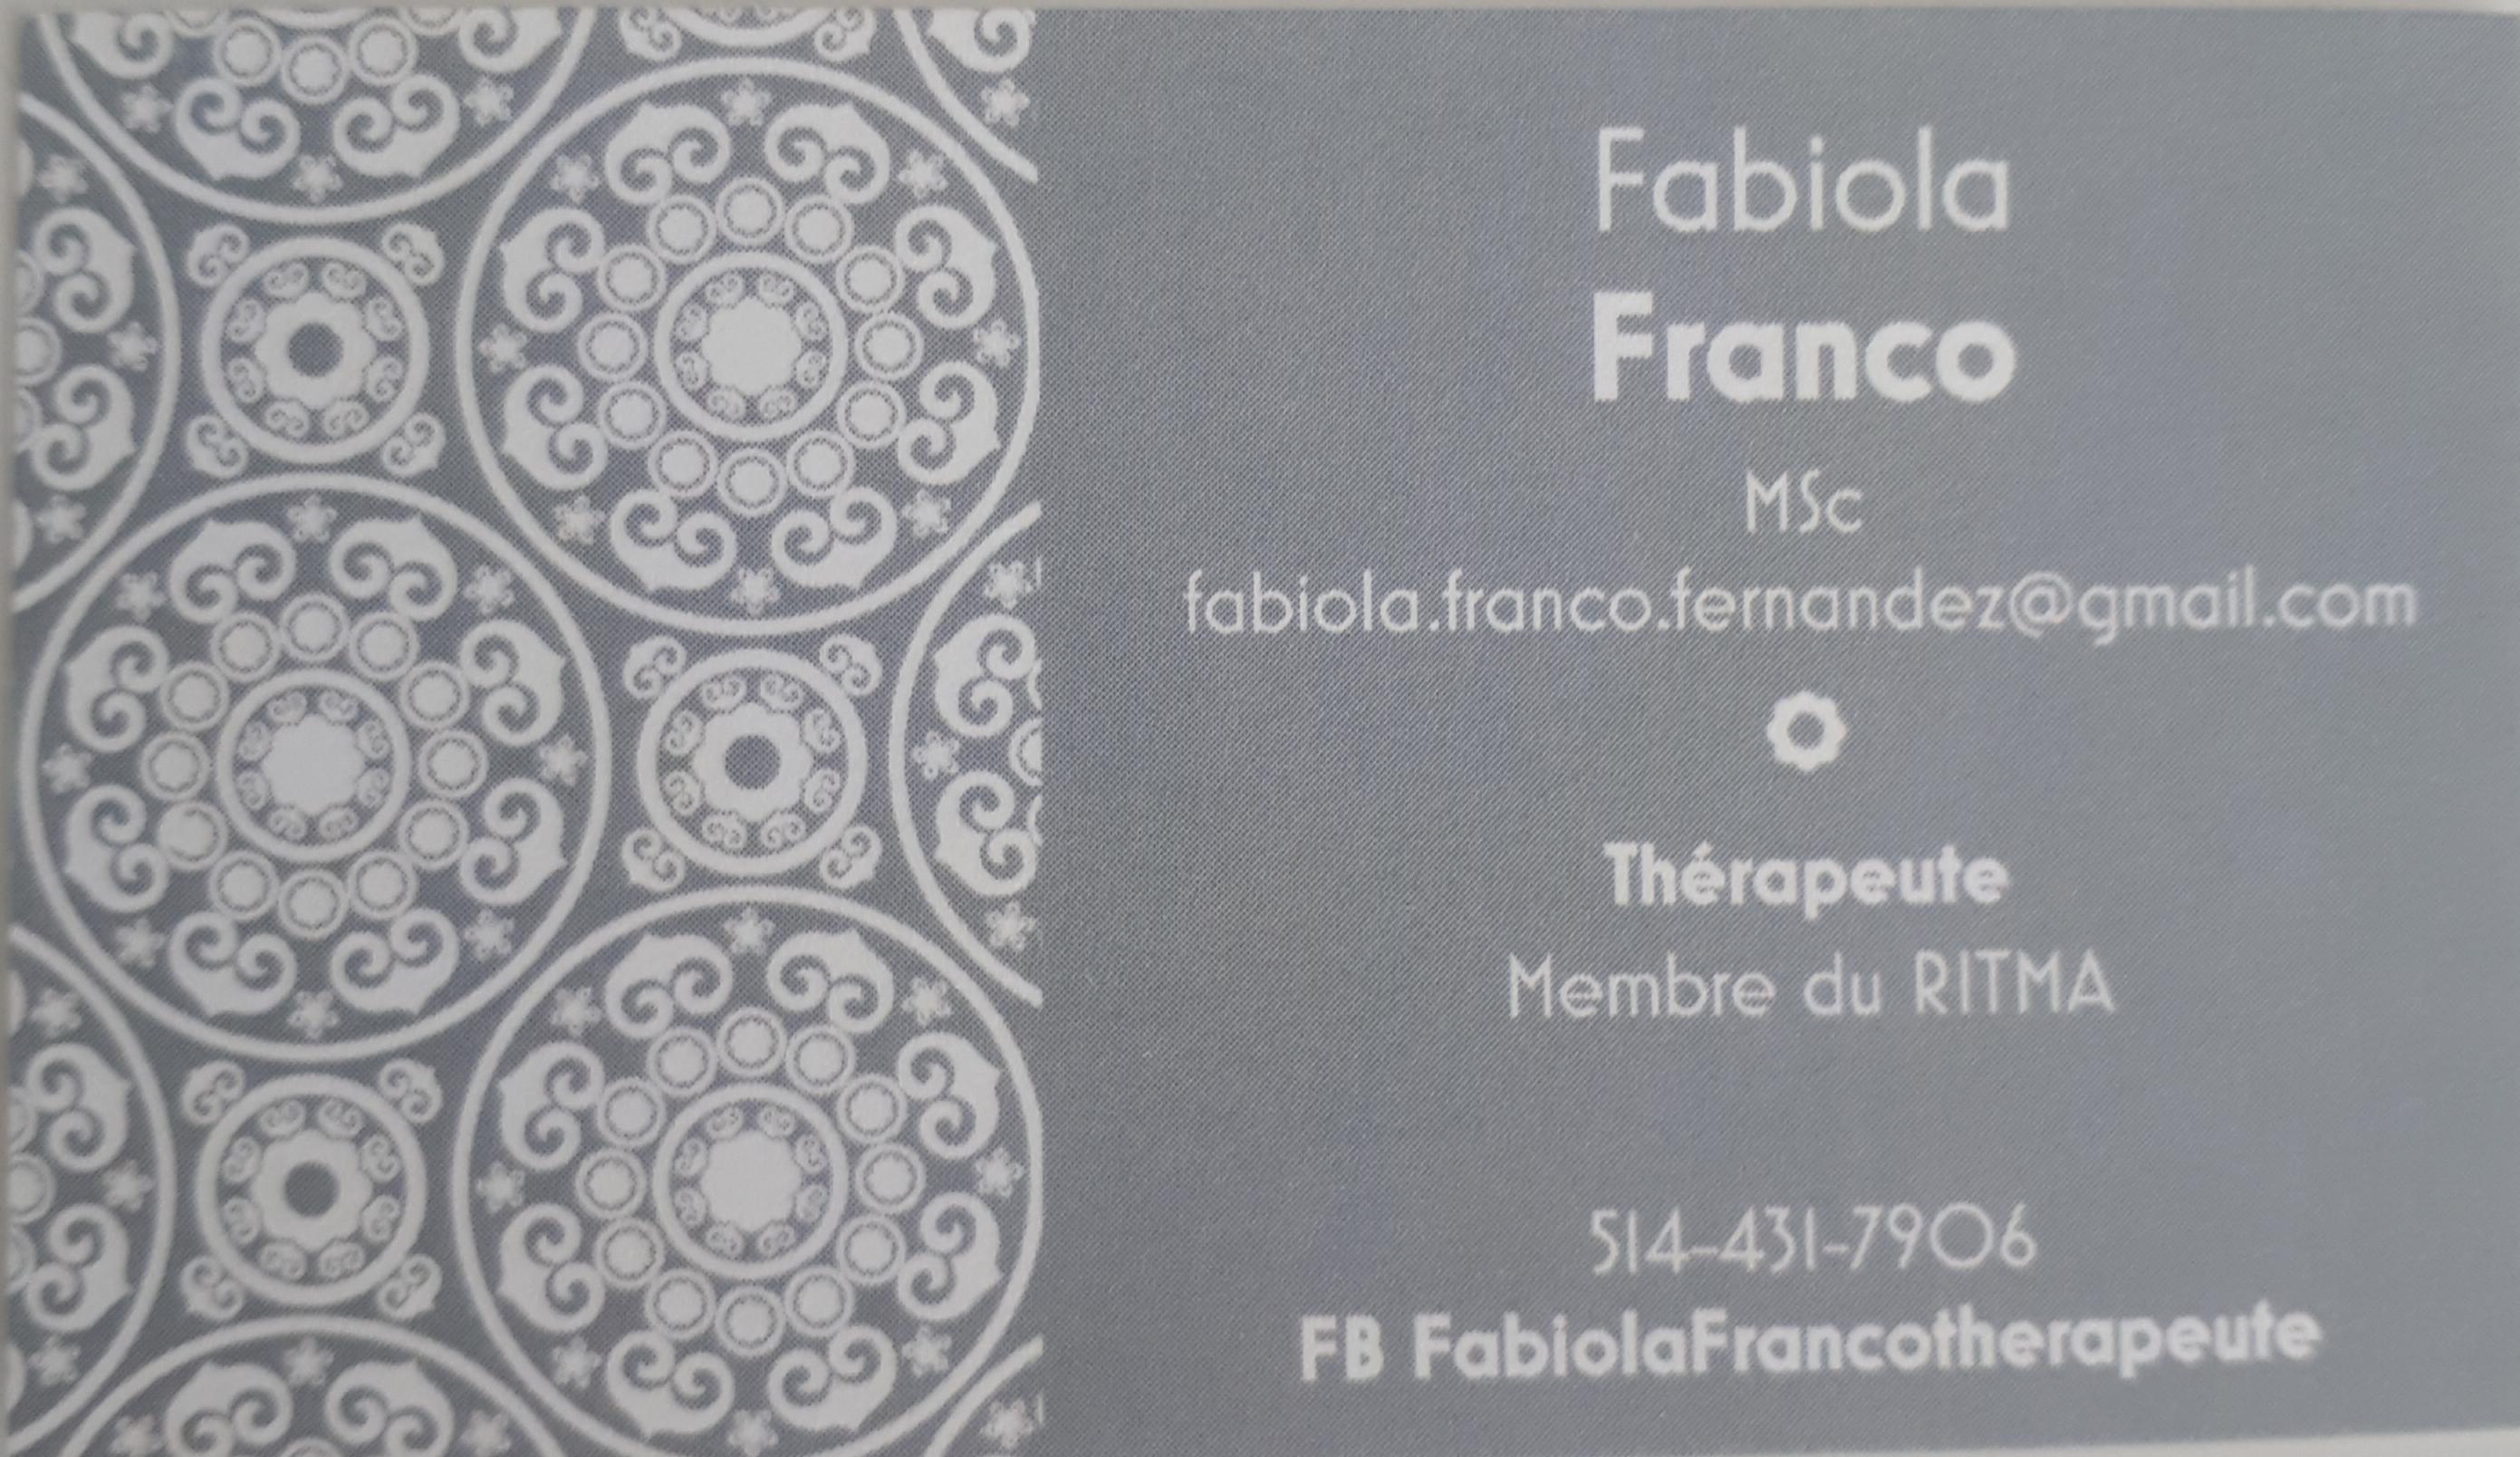 Fabiola Franco Fernandez